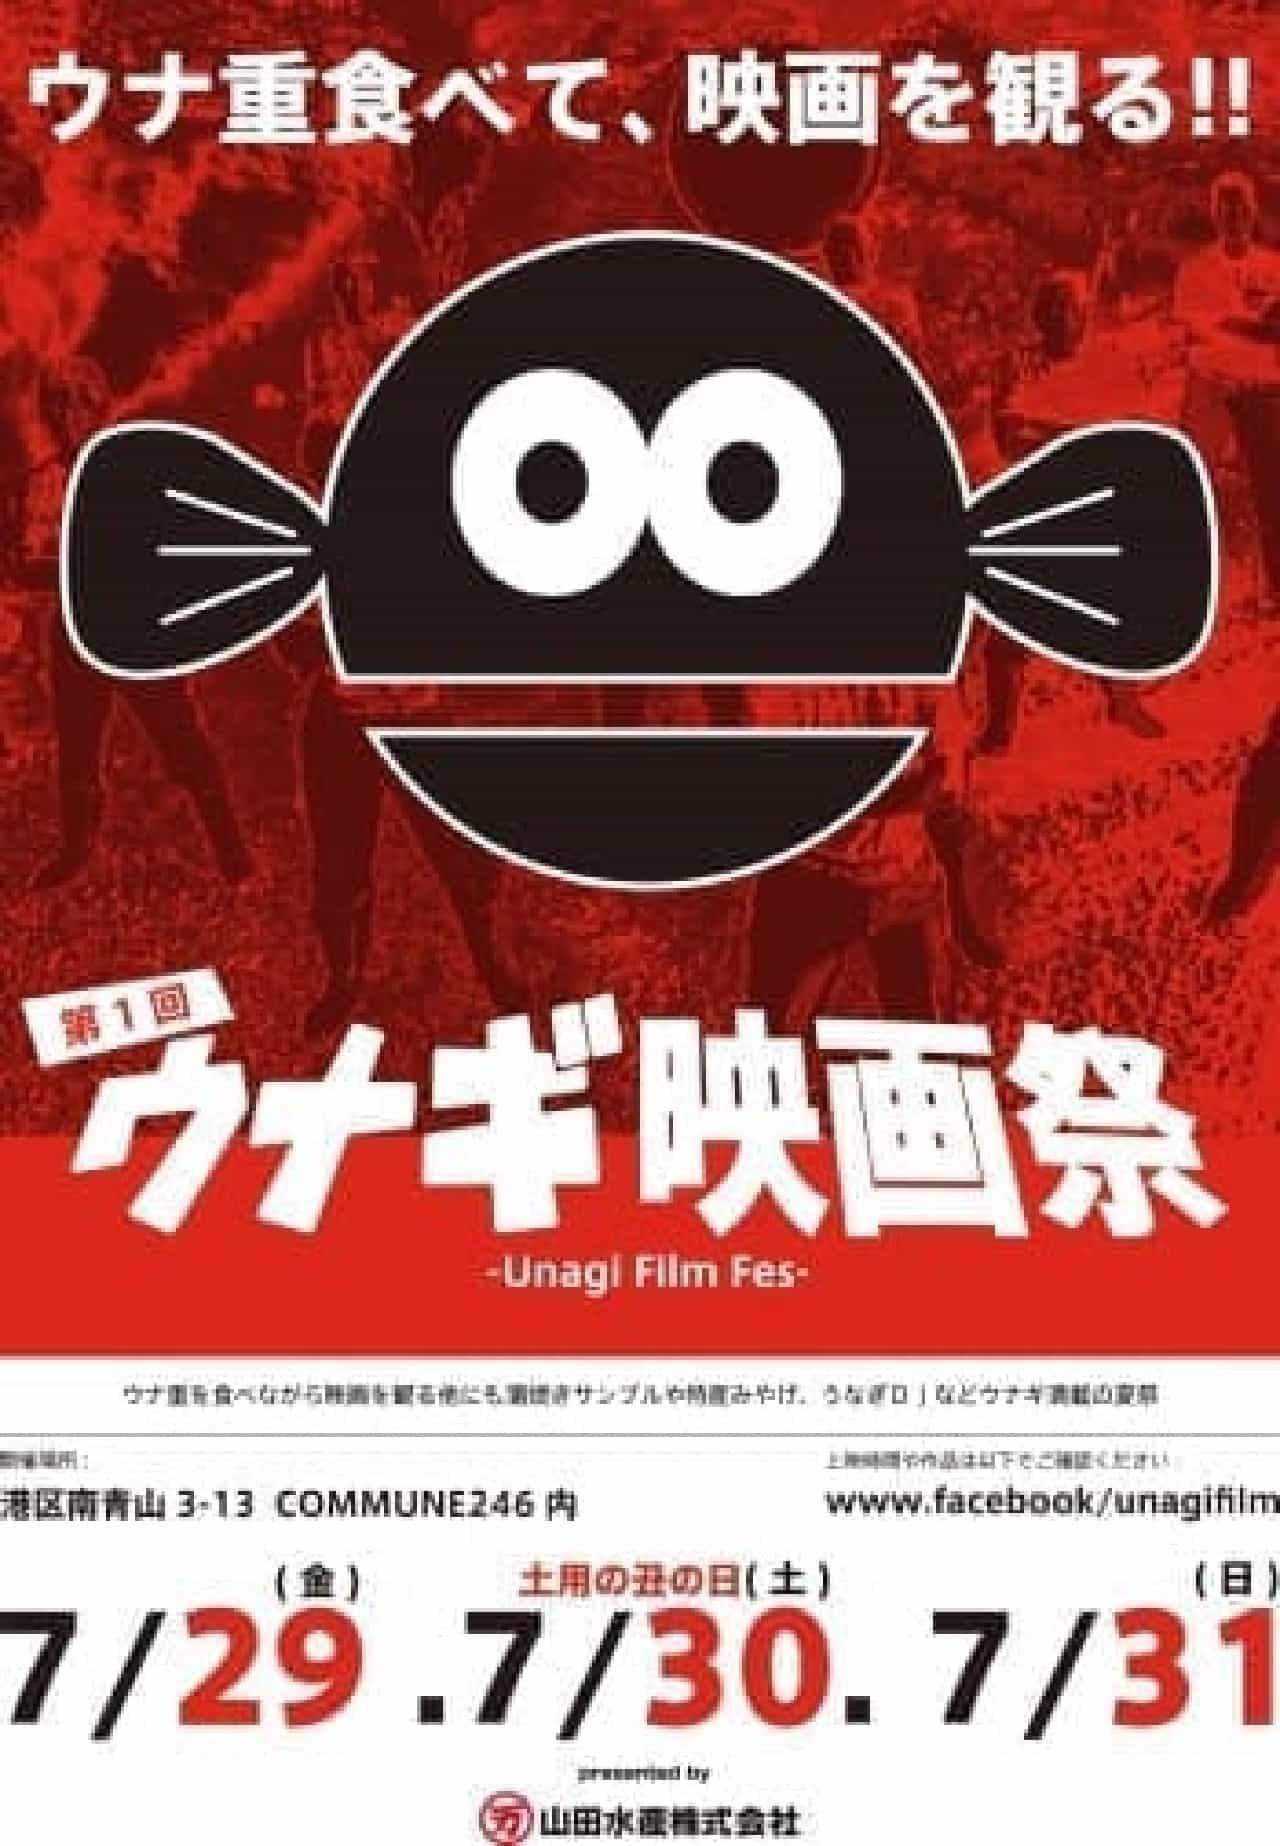 第1回 ウナギ映画祭